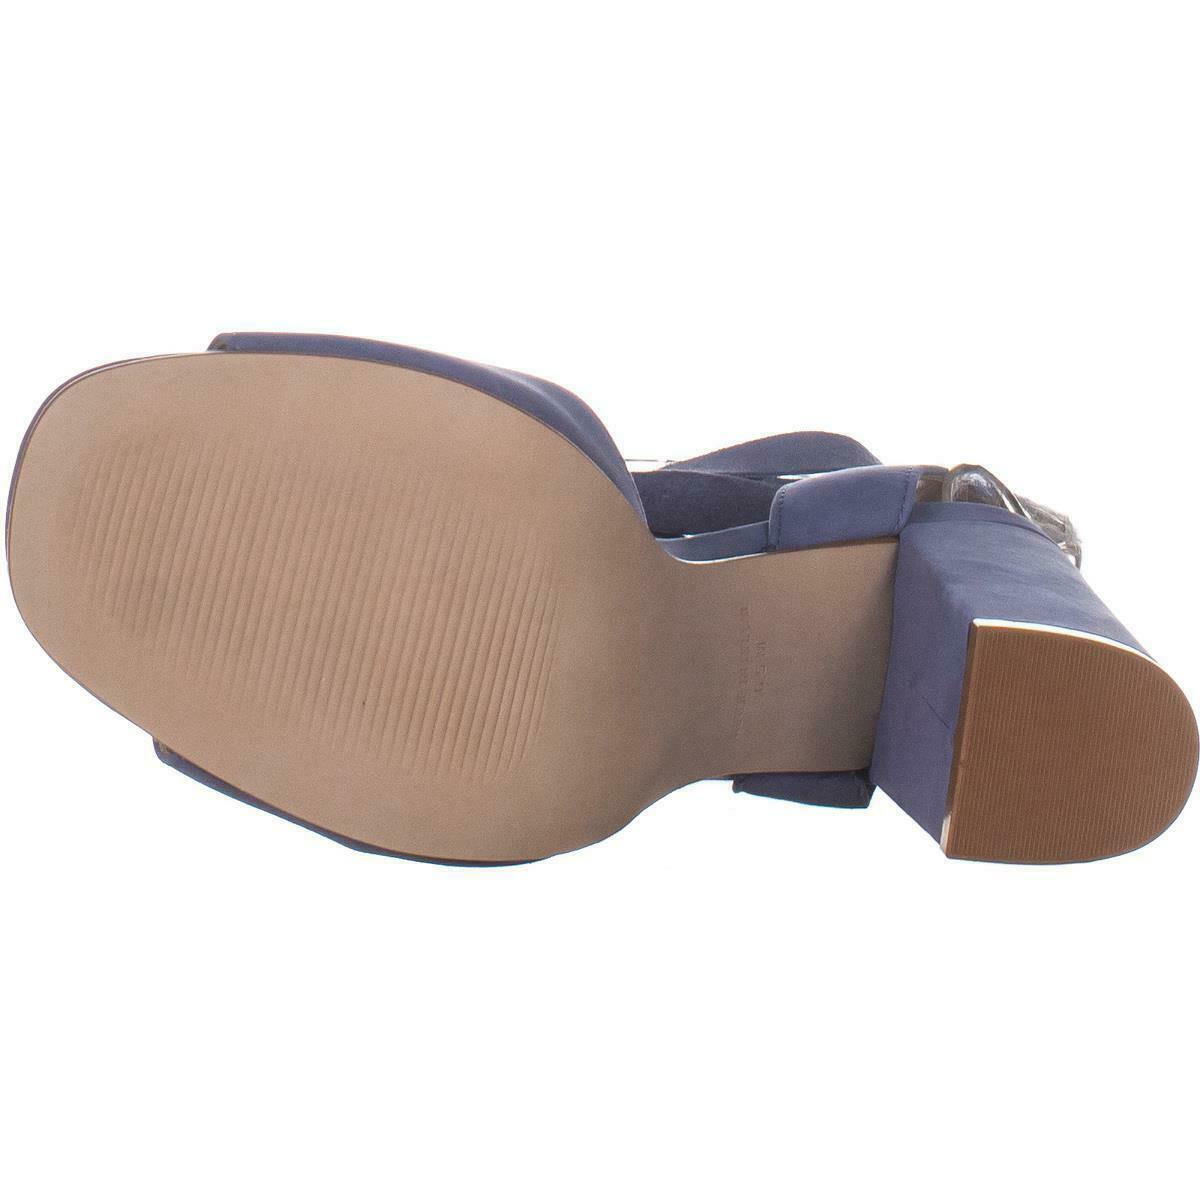 Steve Madden Kenny Ankle Strap Sandals, Blue Nubuck, 6.5 US image 6